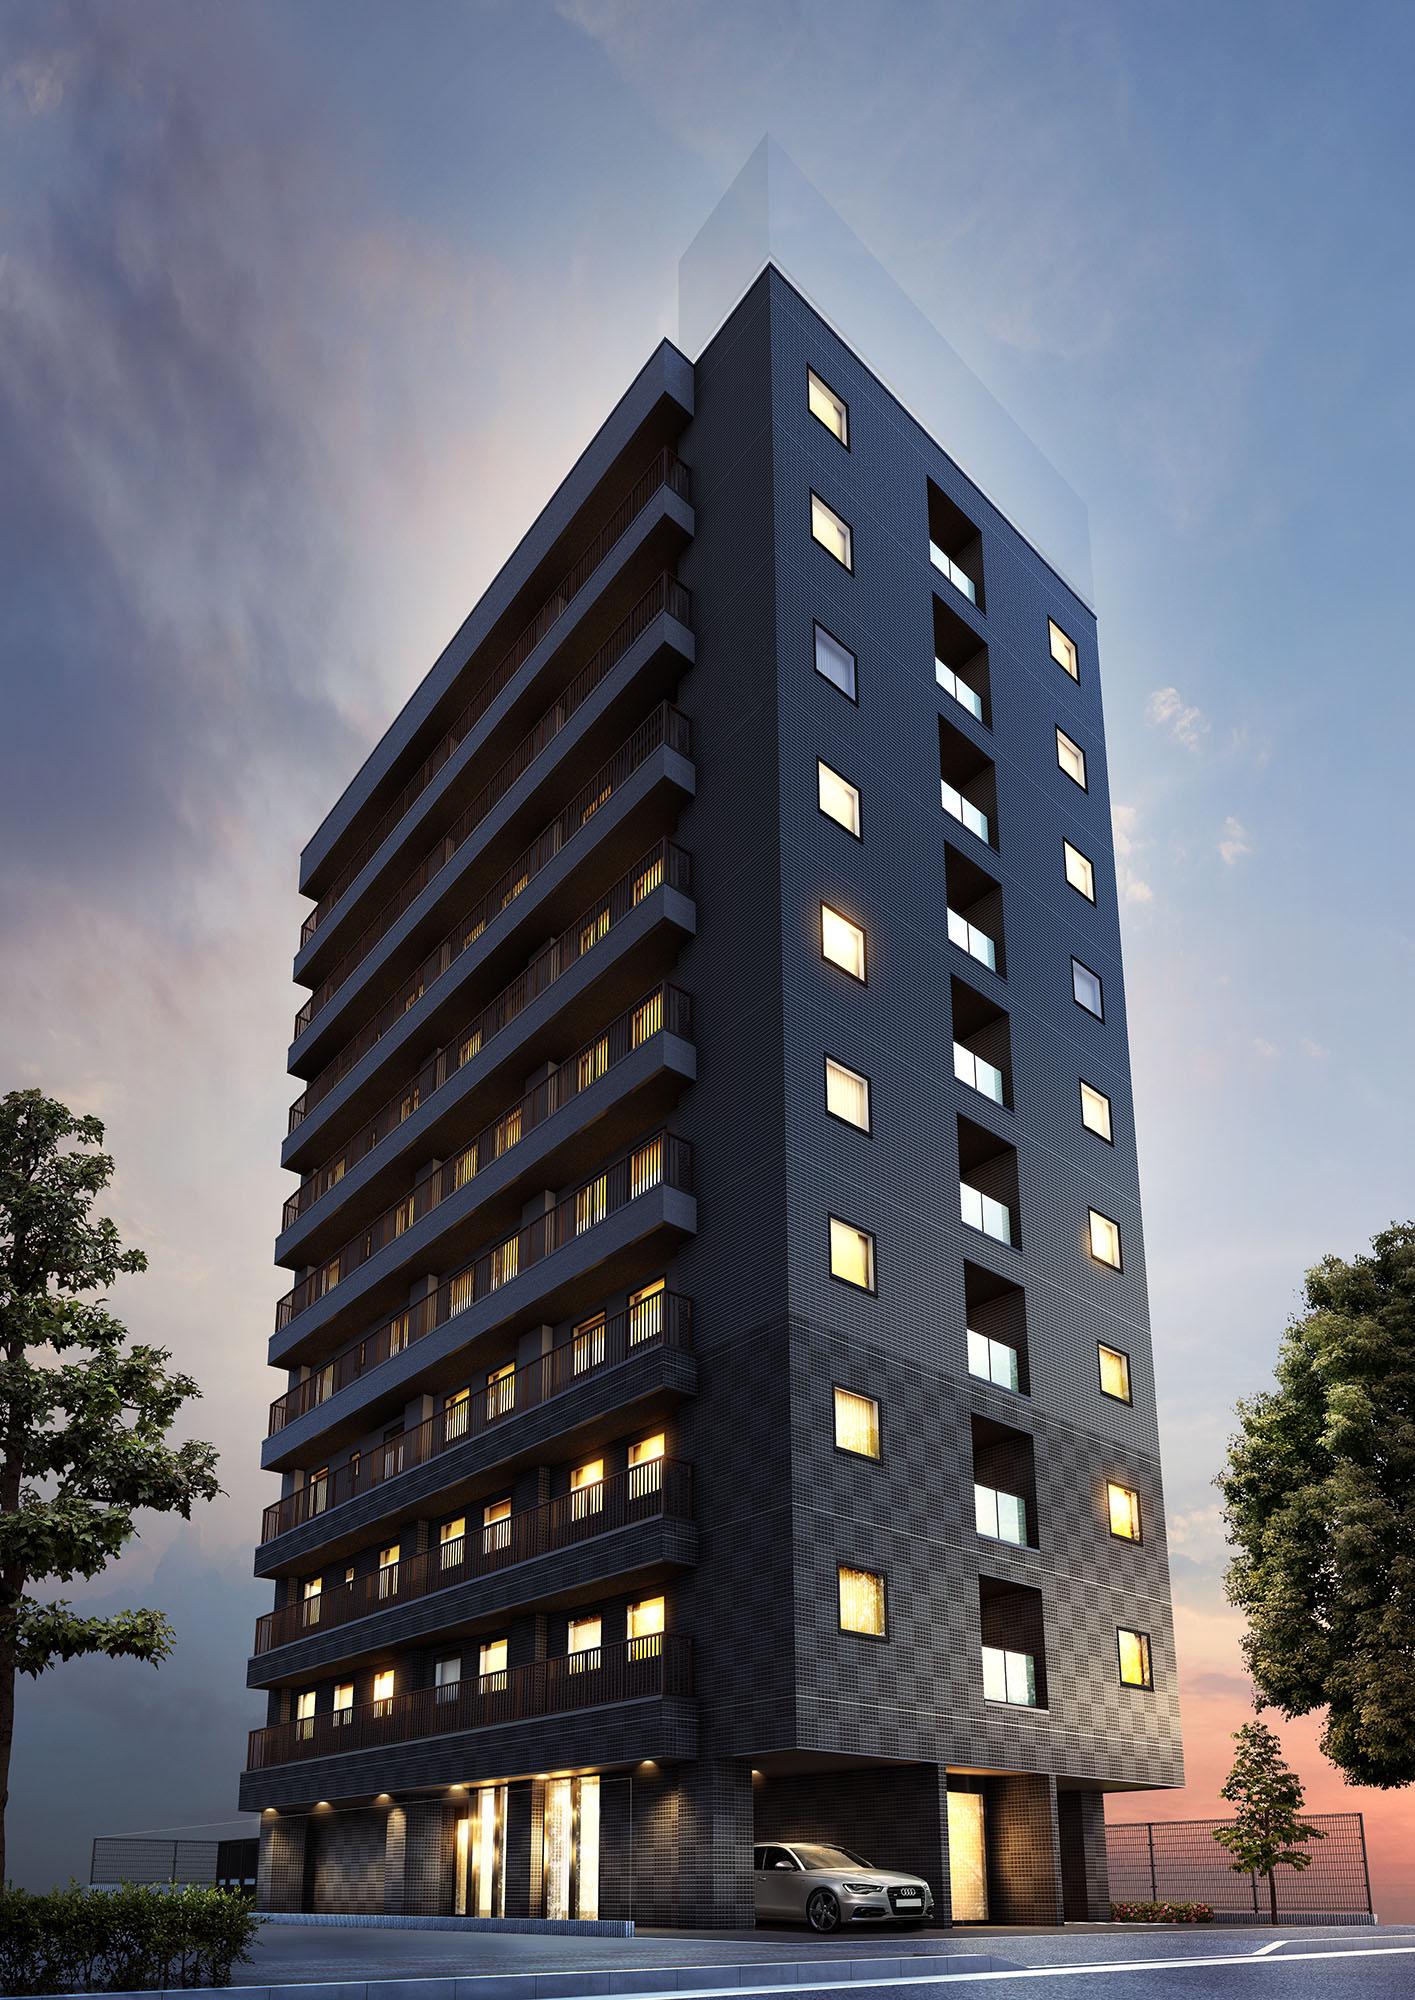 新築ビジネスホテル開発「横浜駅西口プロジェクト」コンサルティング業務完了のお知らせ